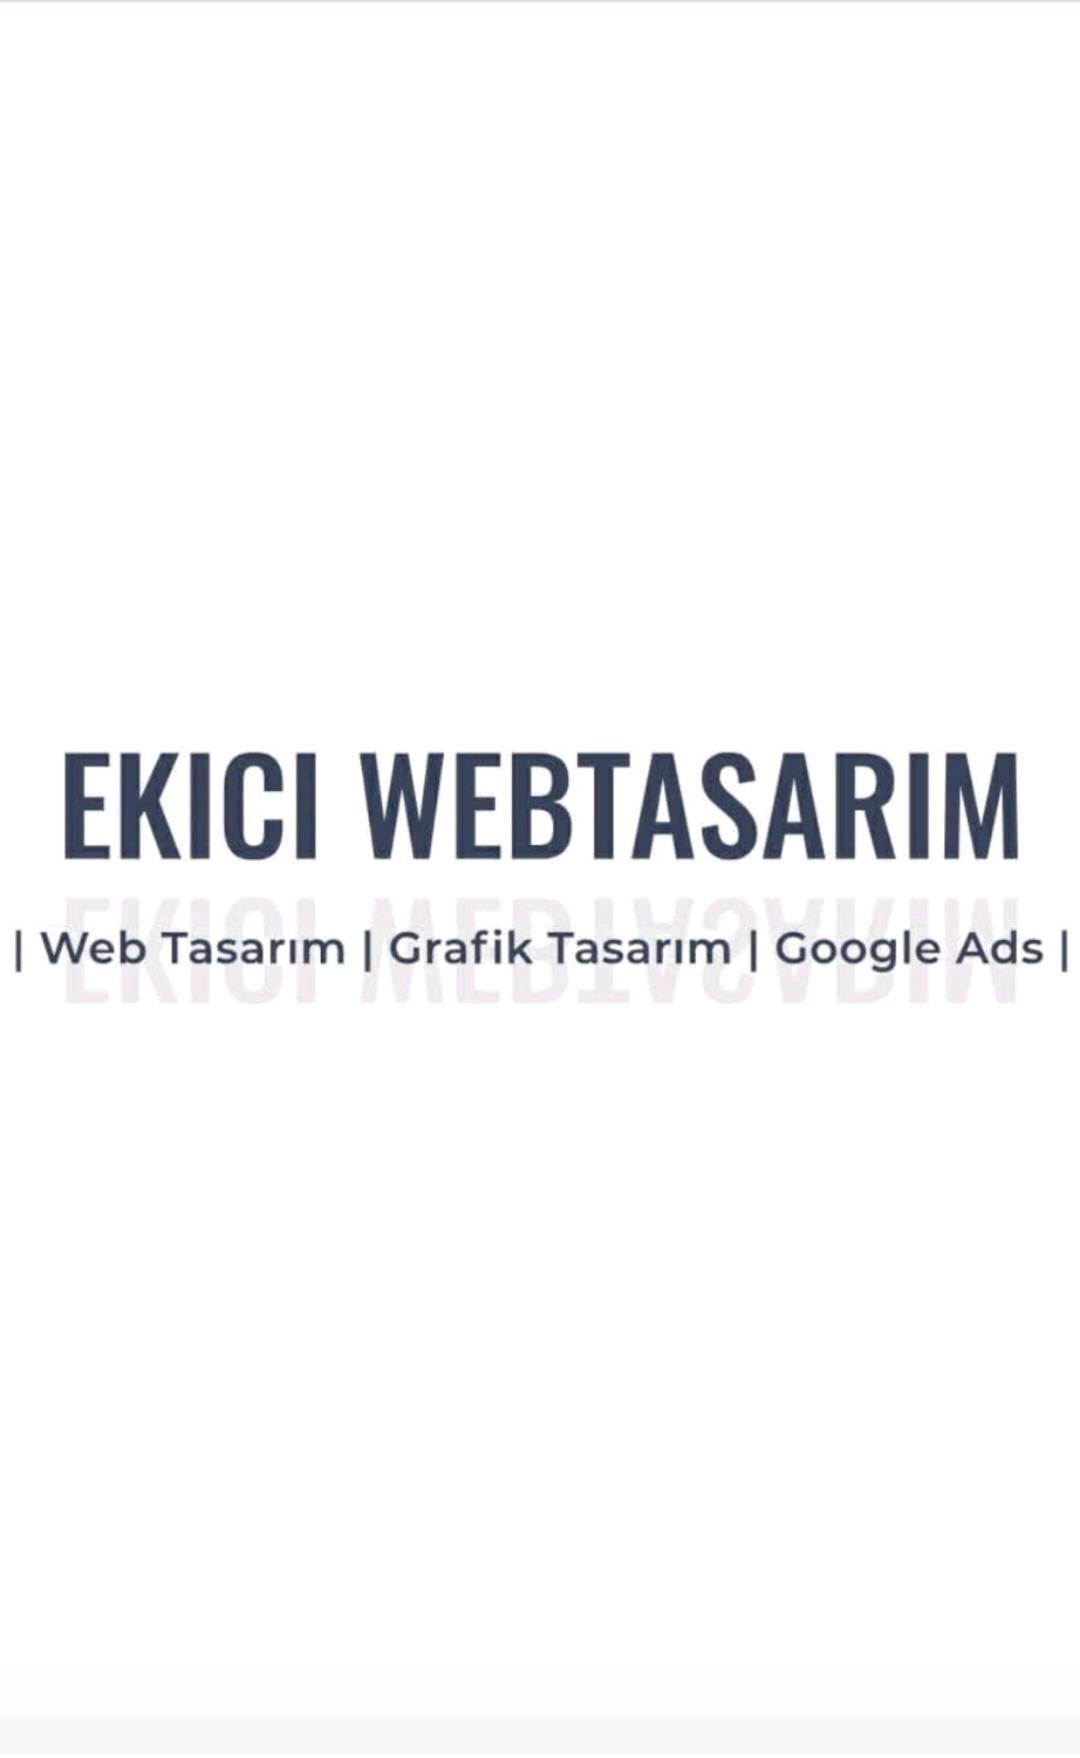 Ekici Webtasarım